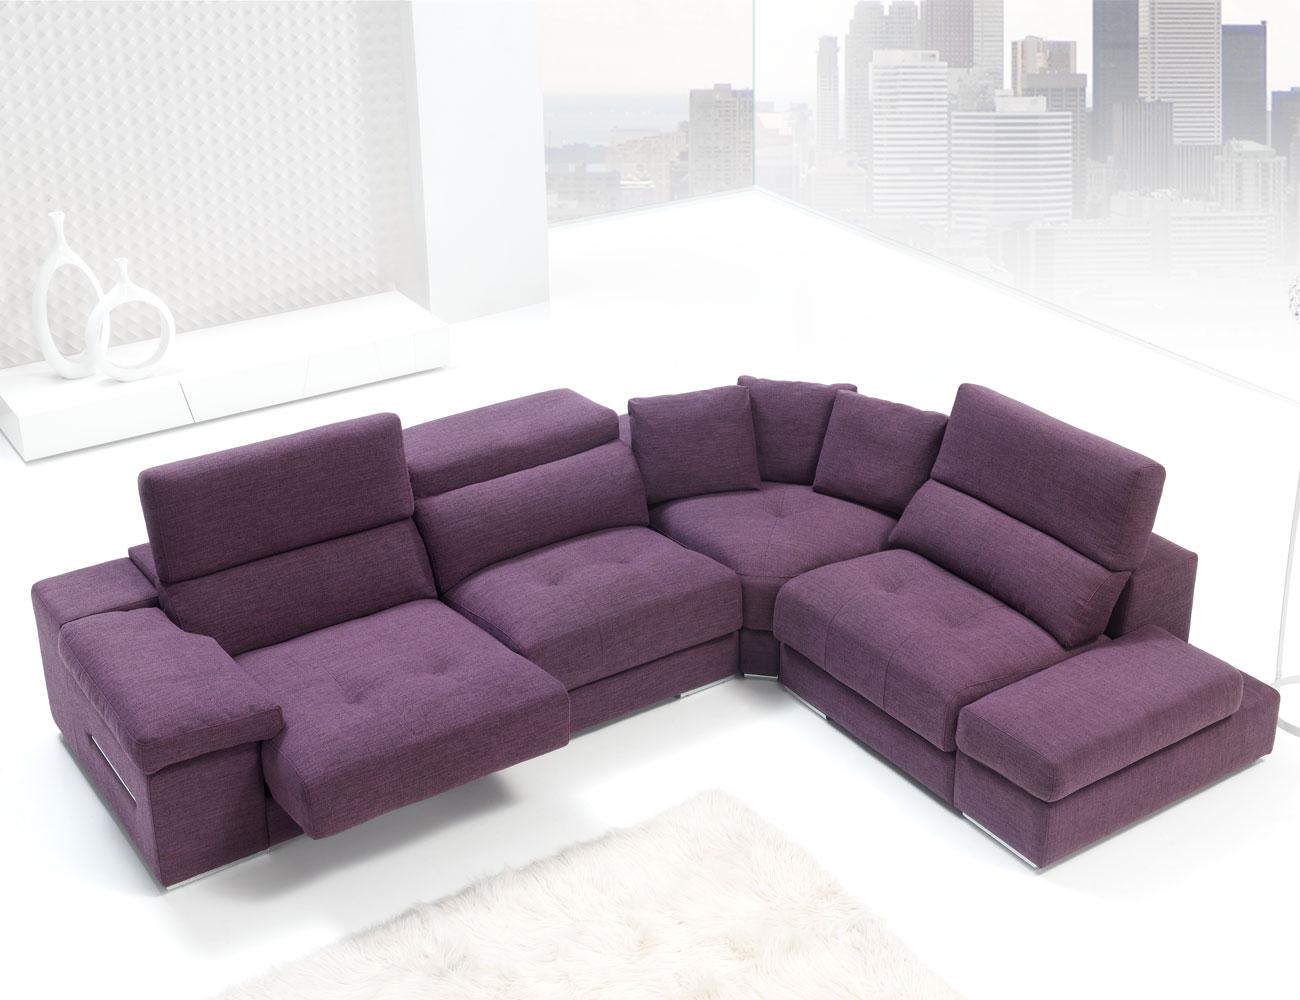 Sofa chaiselongue rincon con brazo mecanico tejido anti manchas 277